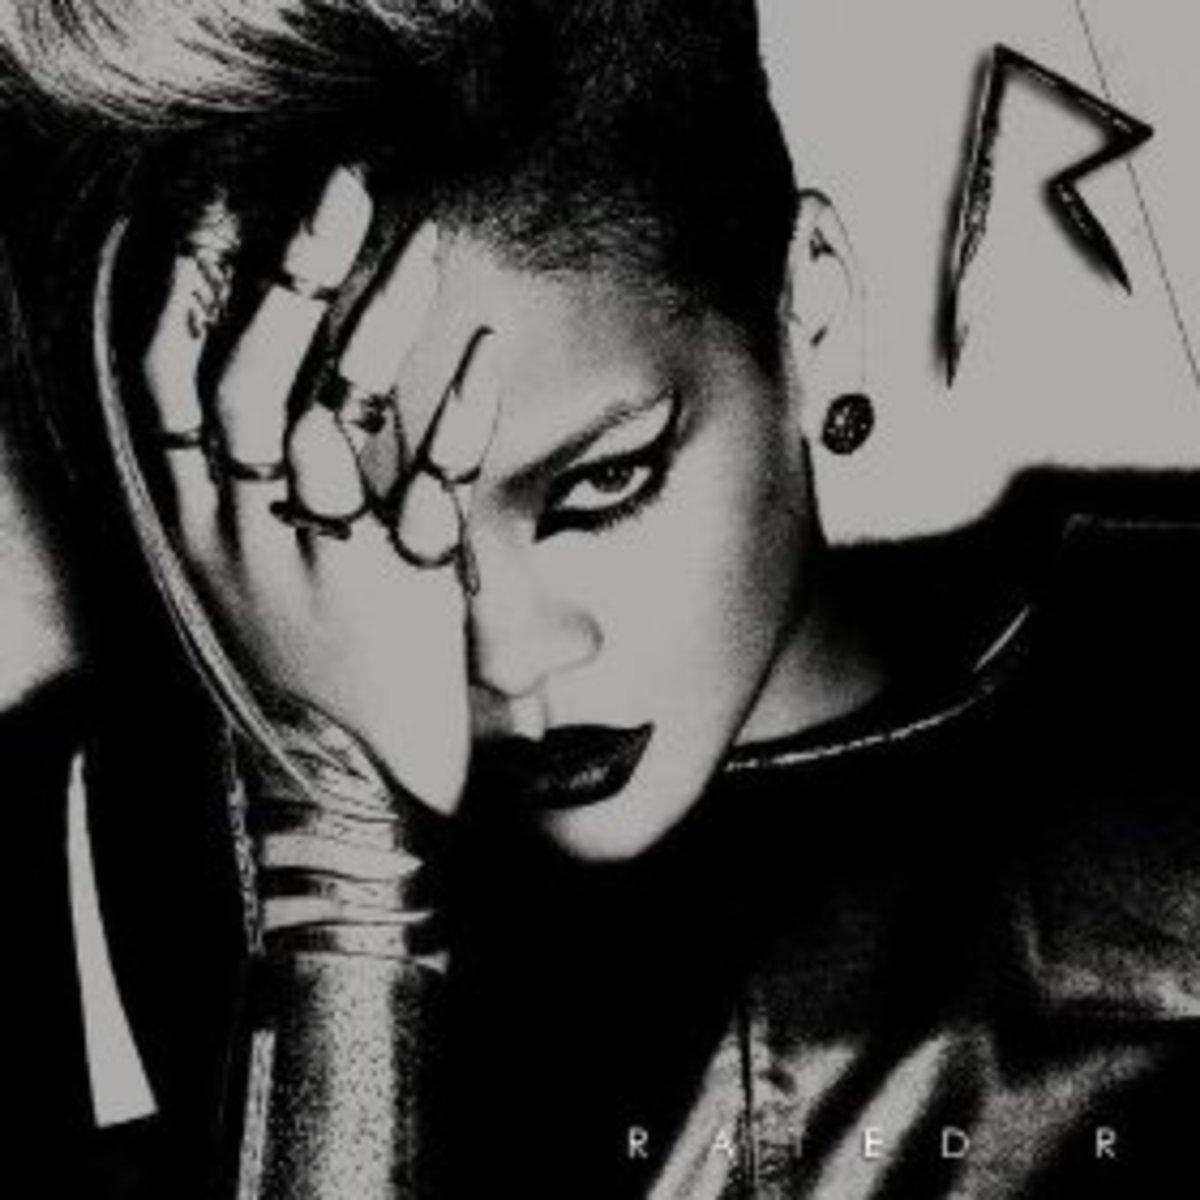 Η Rihanna και οι εμφανίσεις της στην τηλεόραση!   Newsit.gr